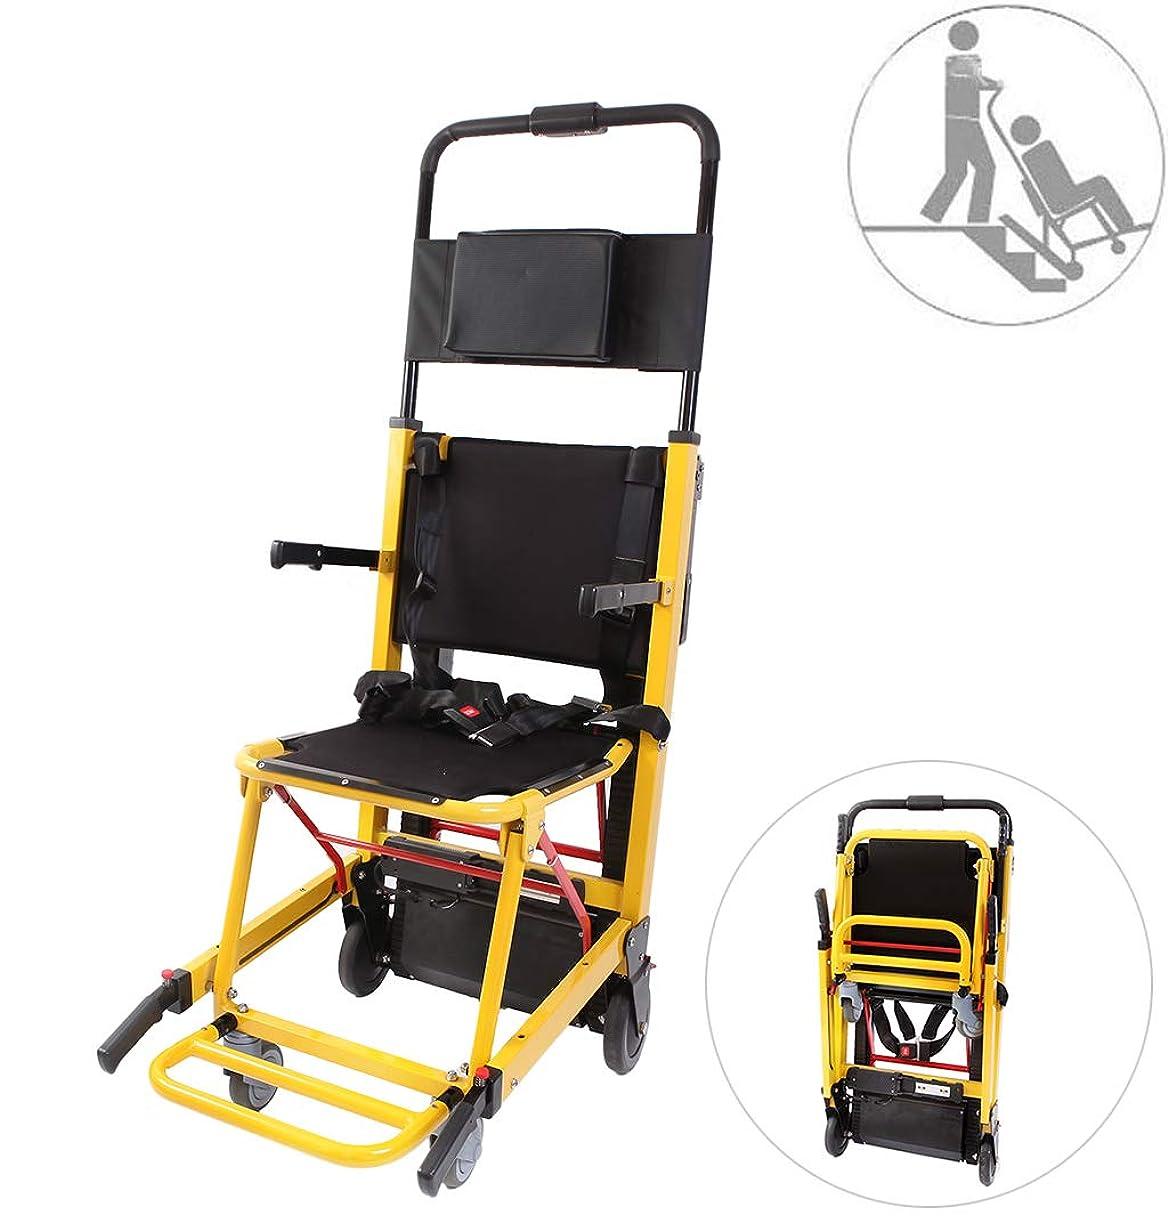 遅滞ビリーペフバッテリー駆動のトラック階段昇降チェアヘビーデューティーエマージェンシー軽量折りたたみ避難階段椅子、積載量365ポンド